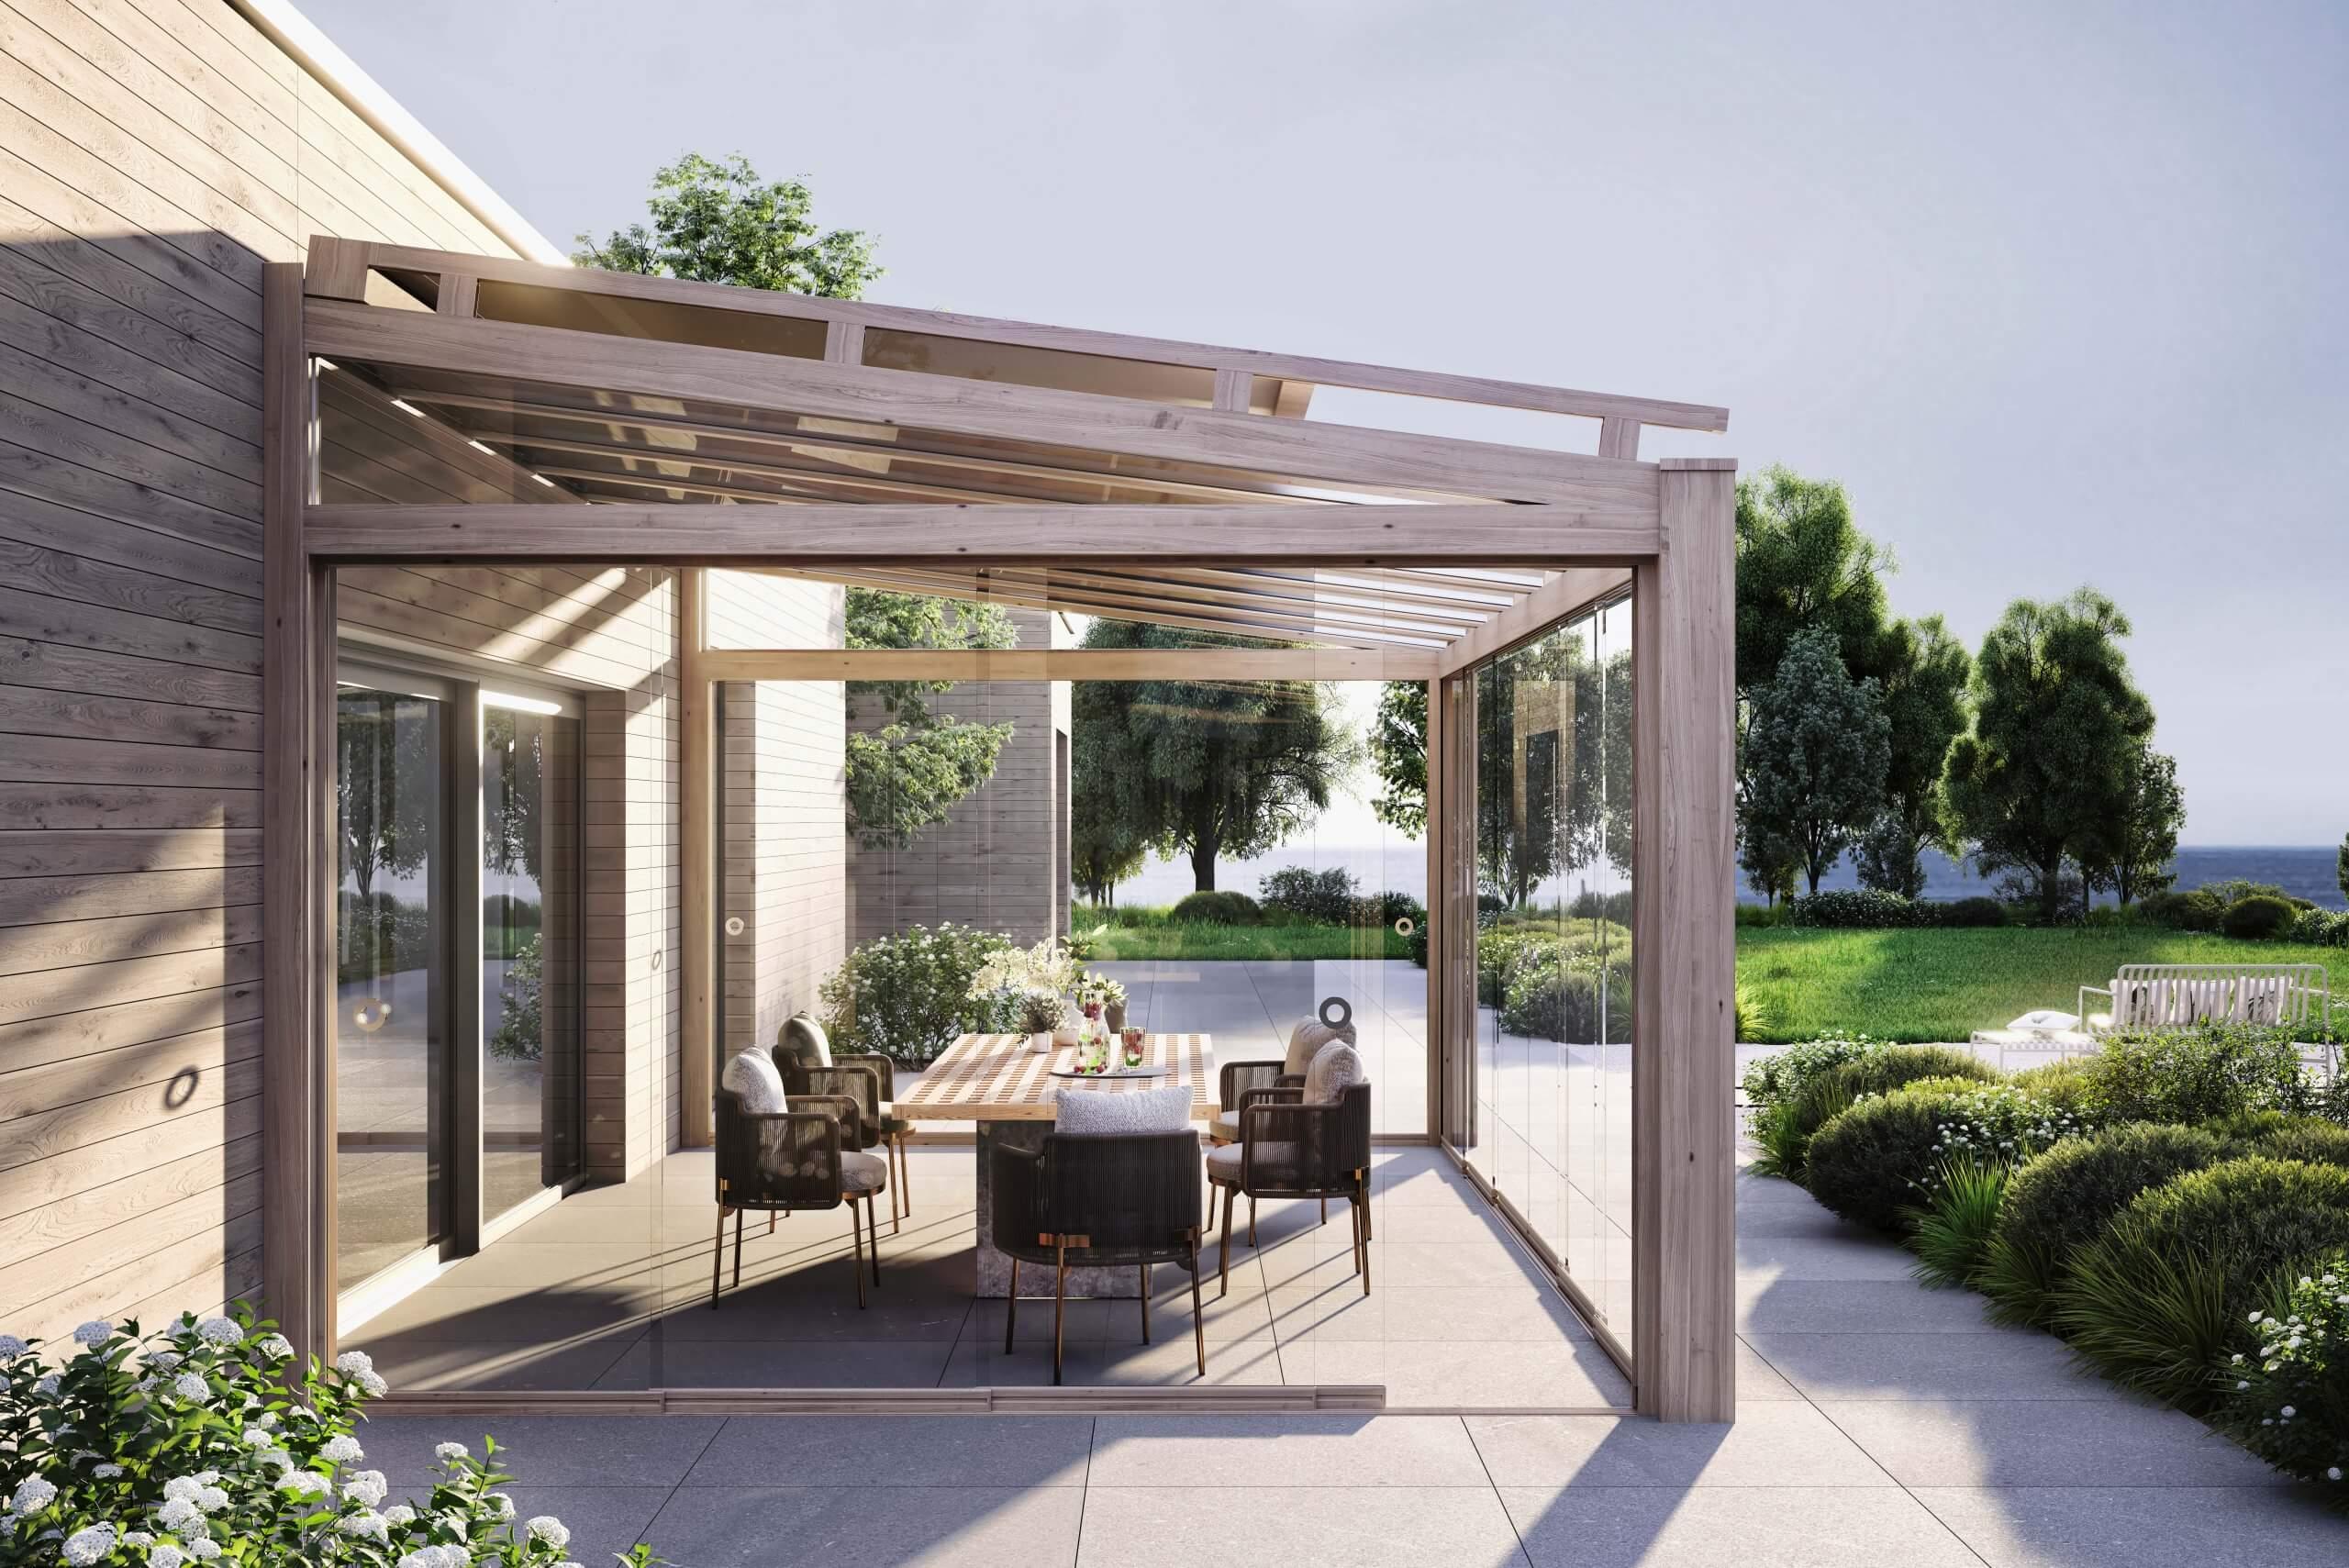 Serre-solari-architettura-eco-sostenibile-green-Stameat-srl